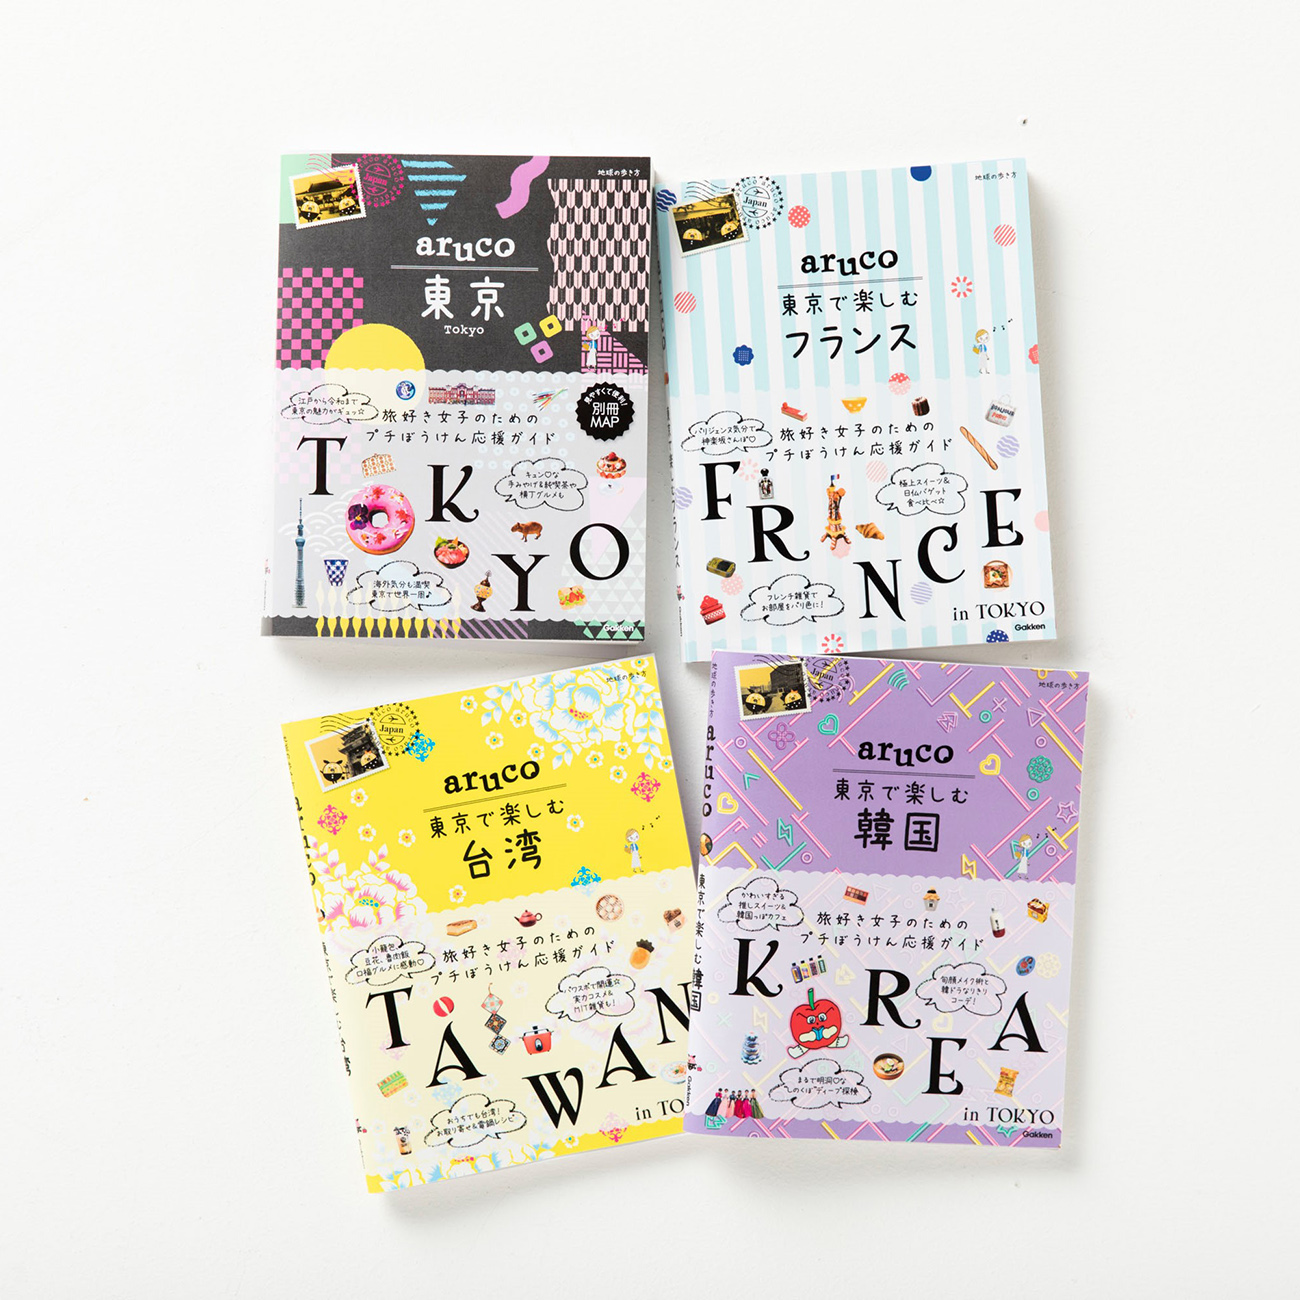 「地球の歩き方aruco」初の国内版・東京シリーズ4冊 書影